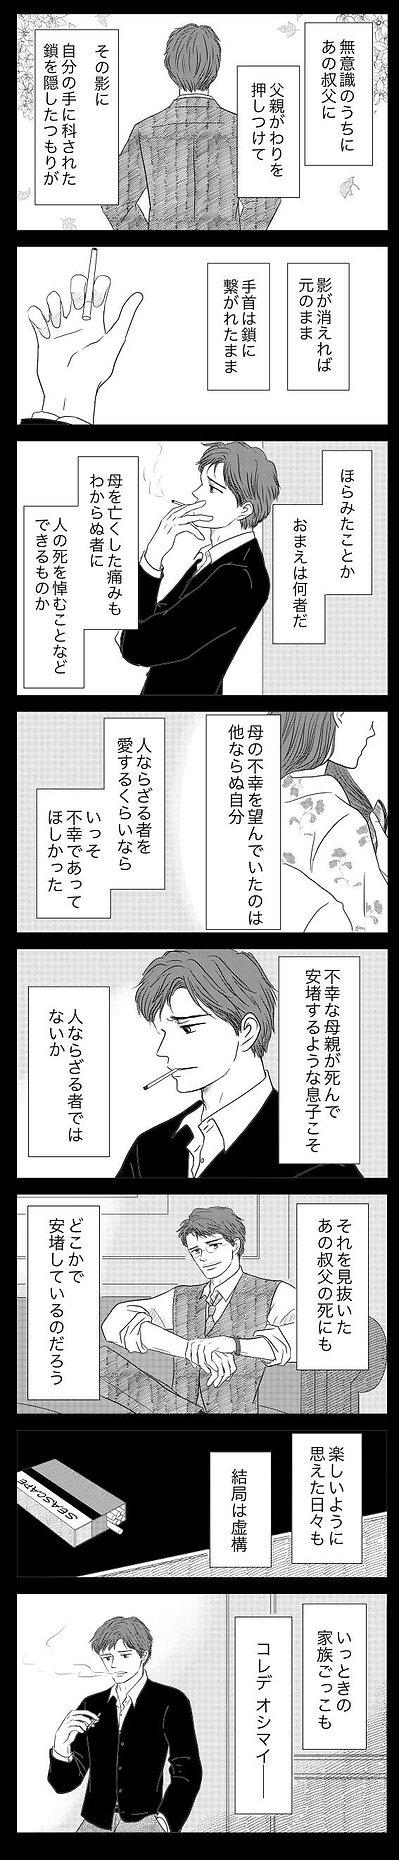 洋輔さん30.jpg